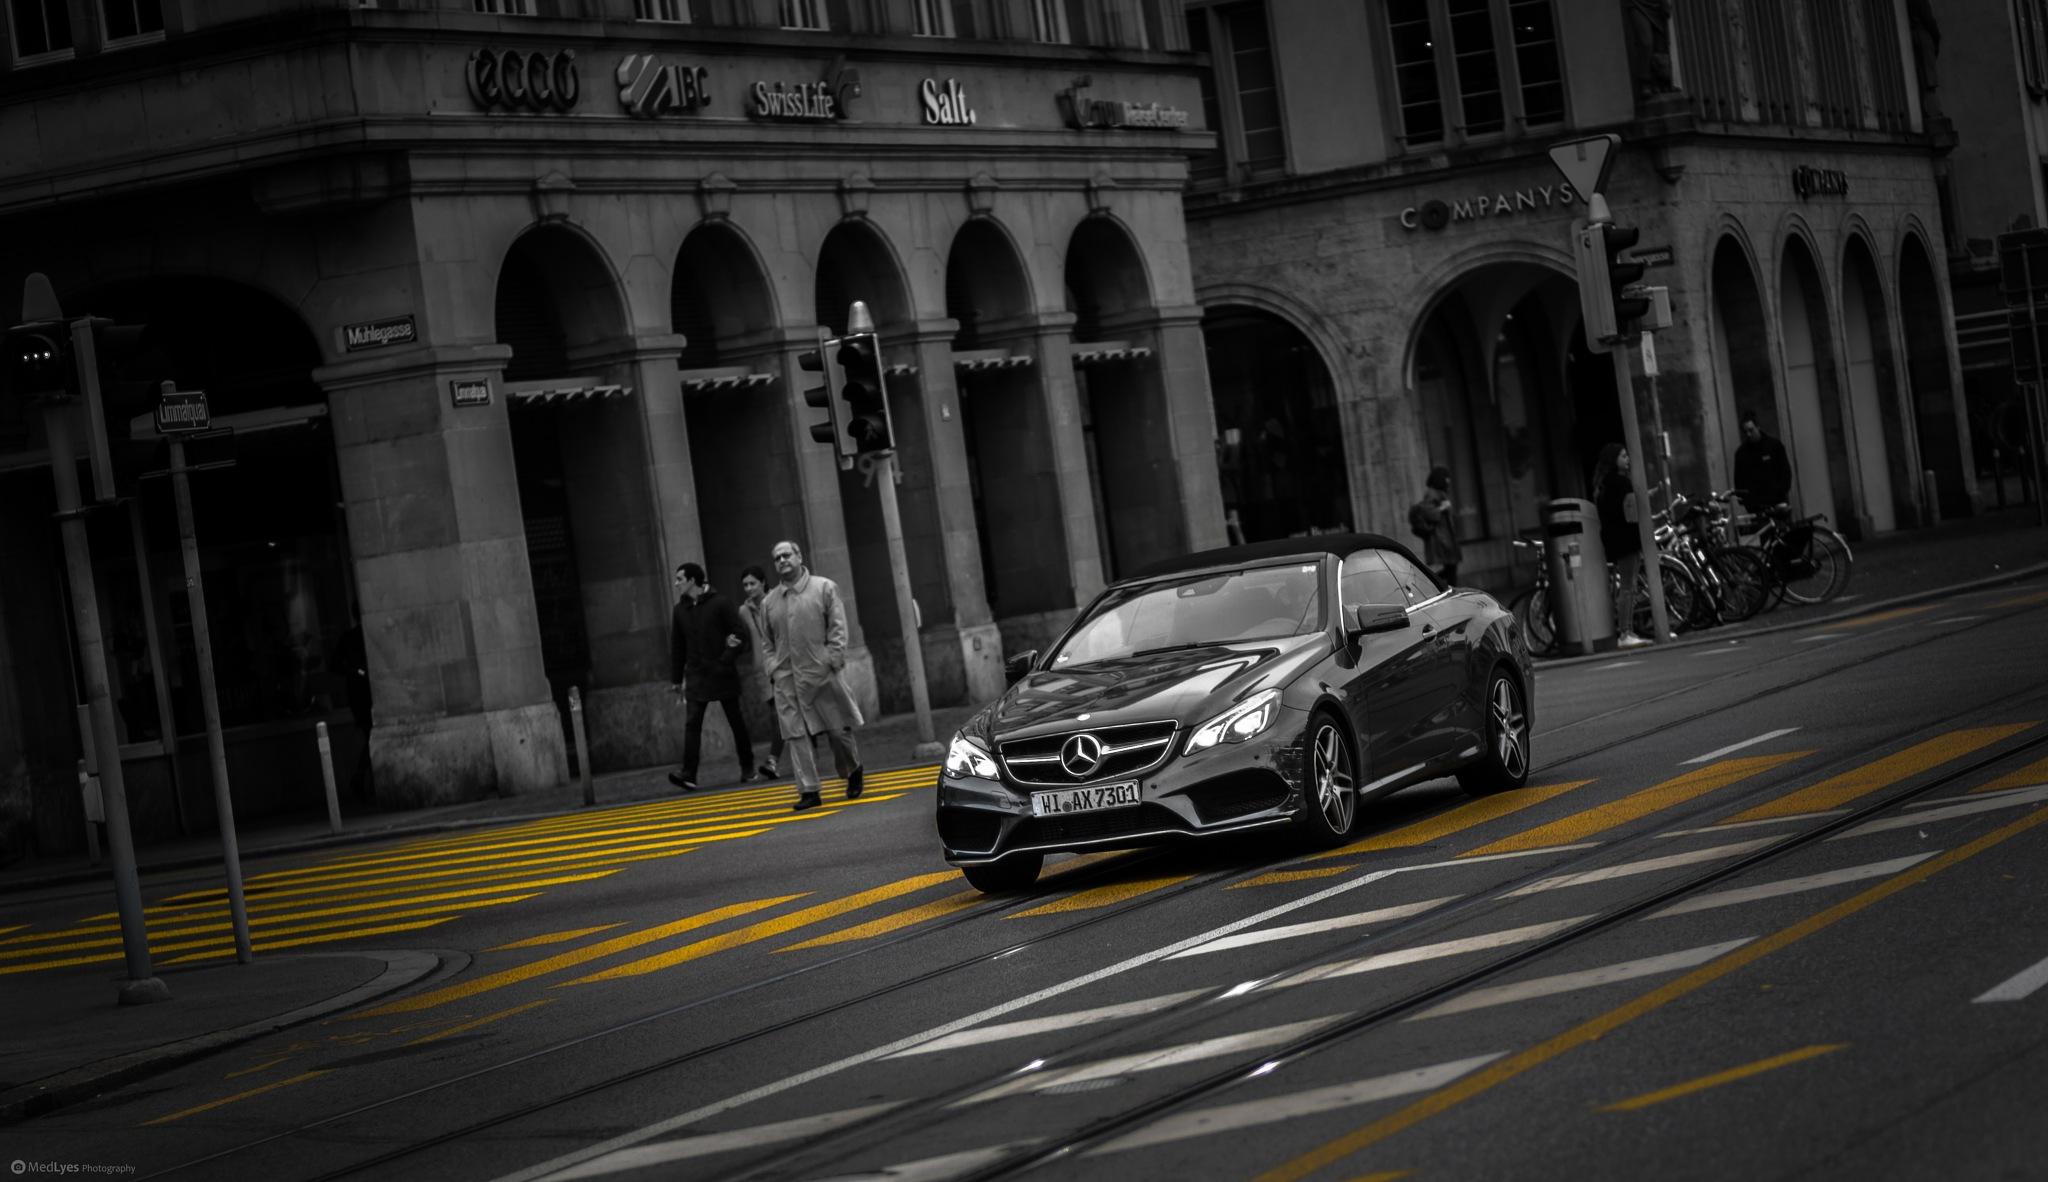 Black Benz Zurich by MedLyes